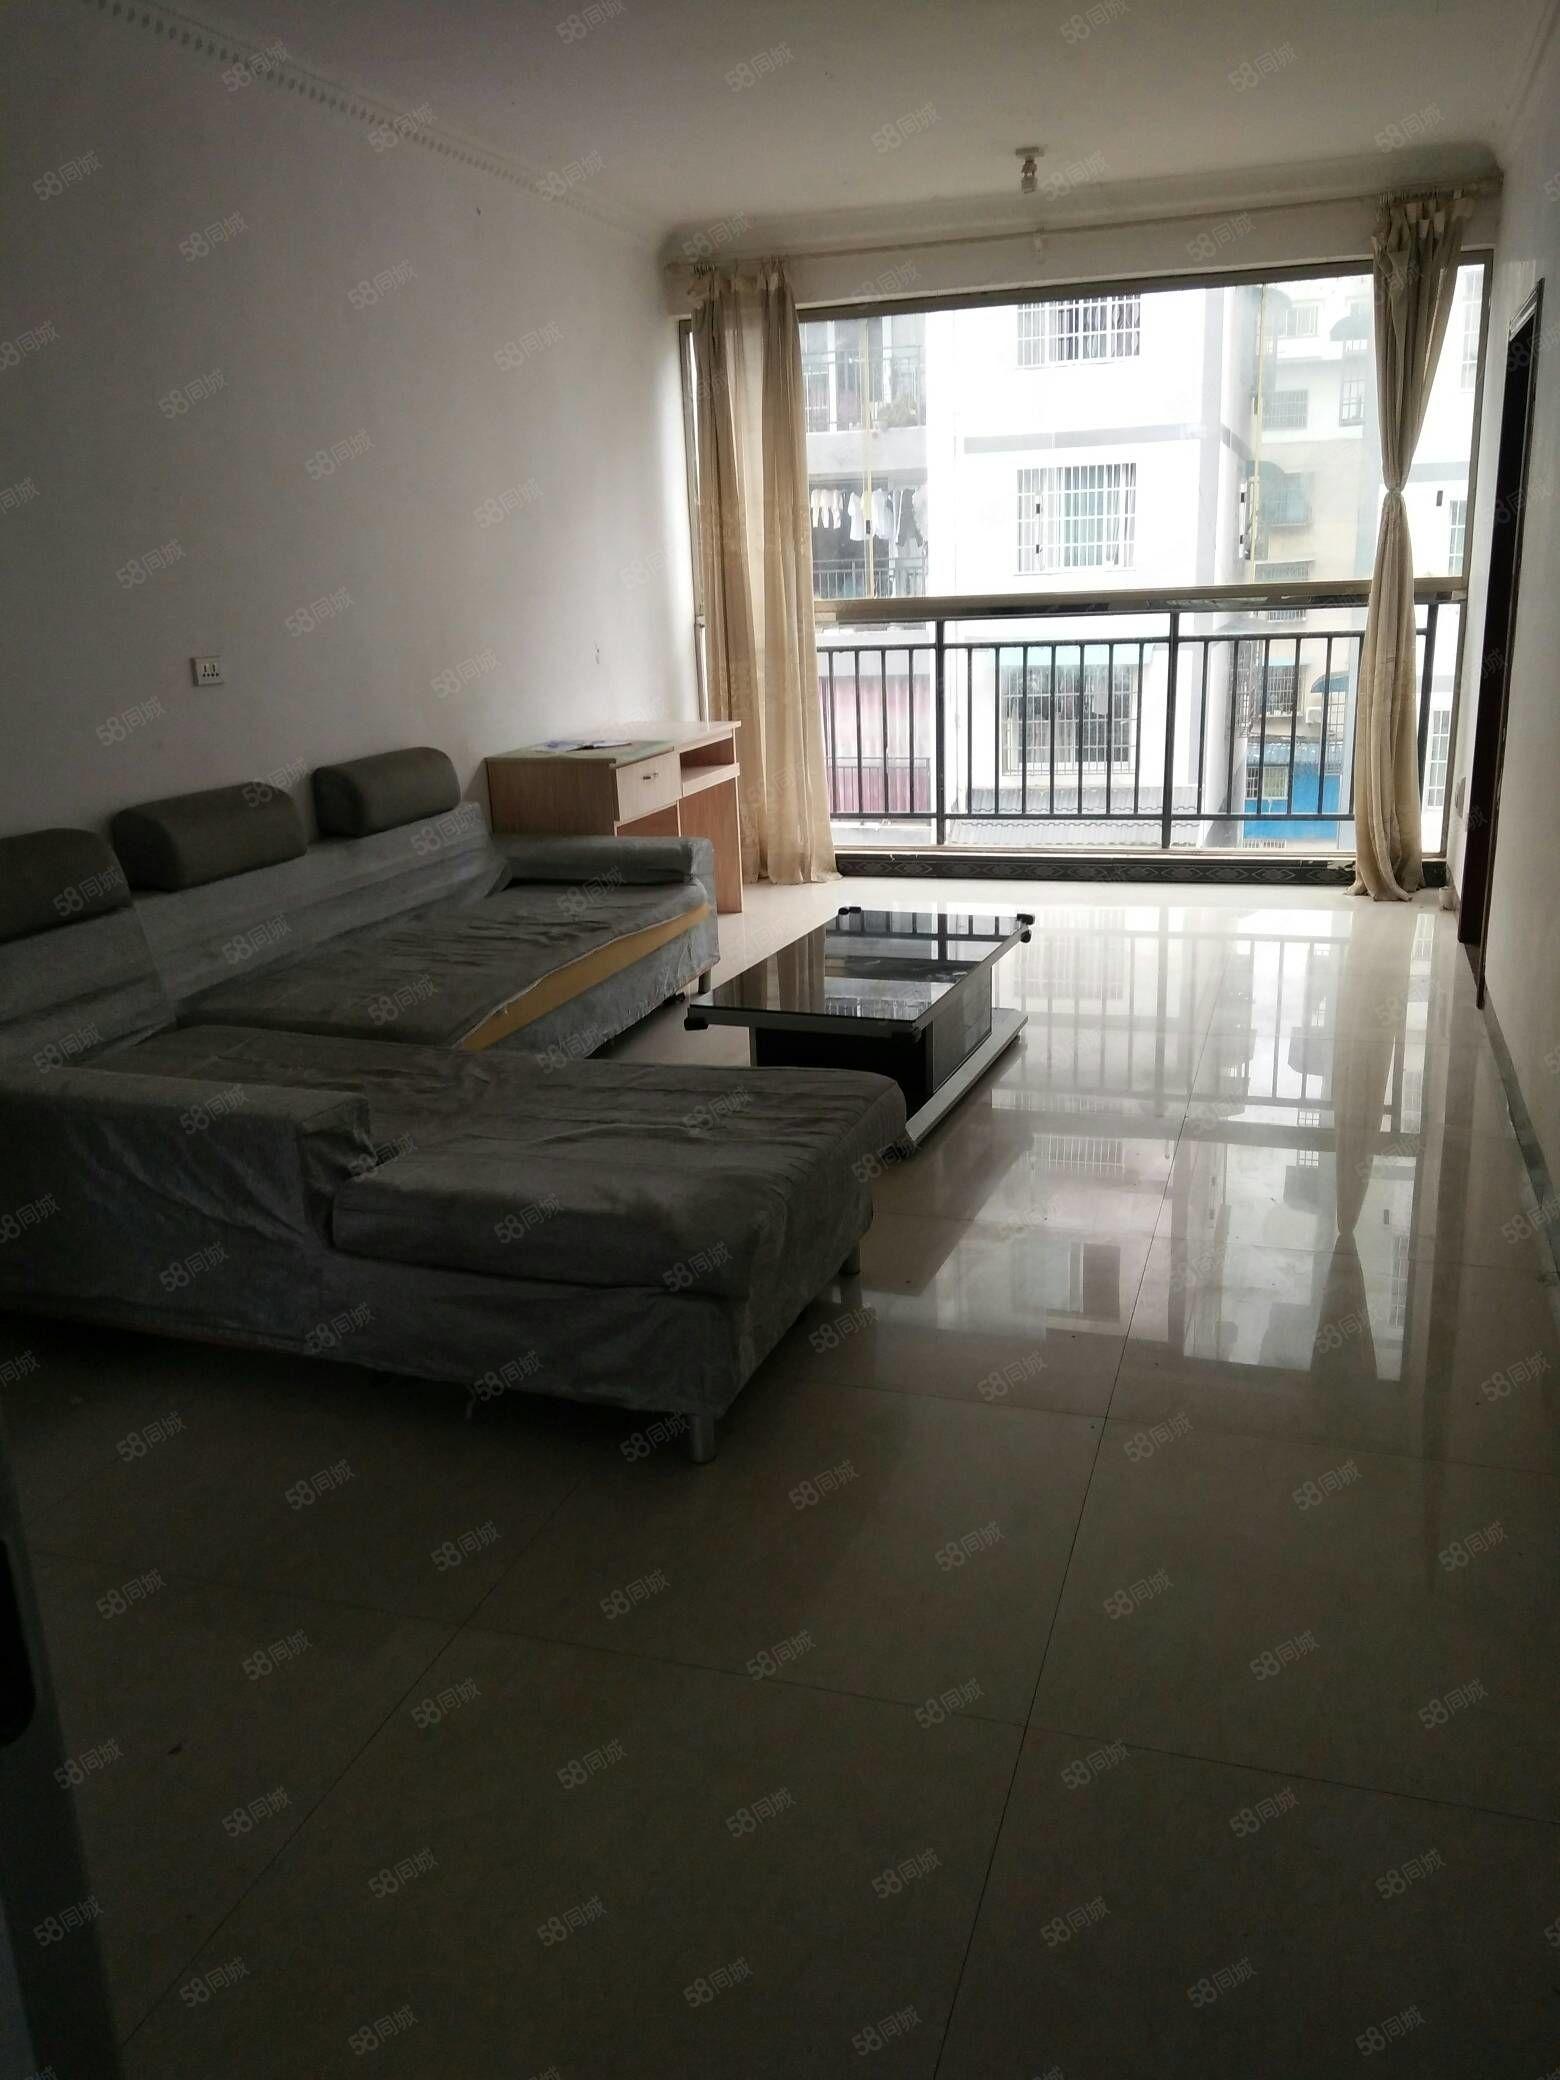 房?#28216;?#20110;湄潭县冯家院子,4楼,简装,三室一厅一厨一卫一阳台。